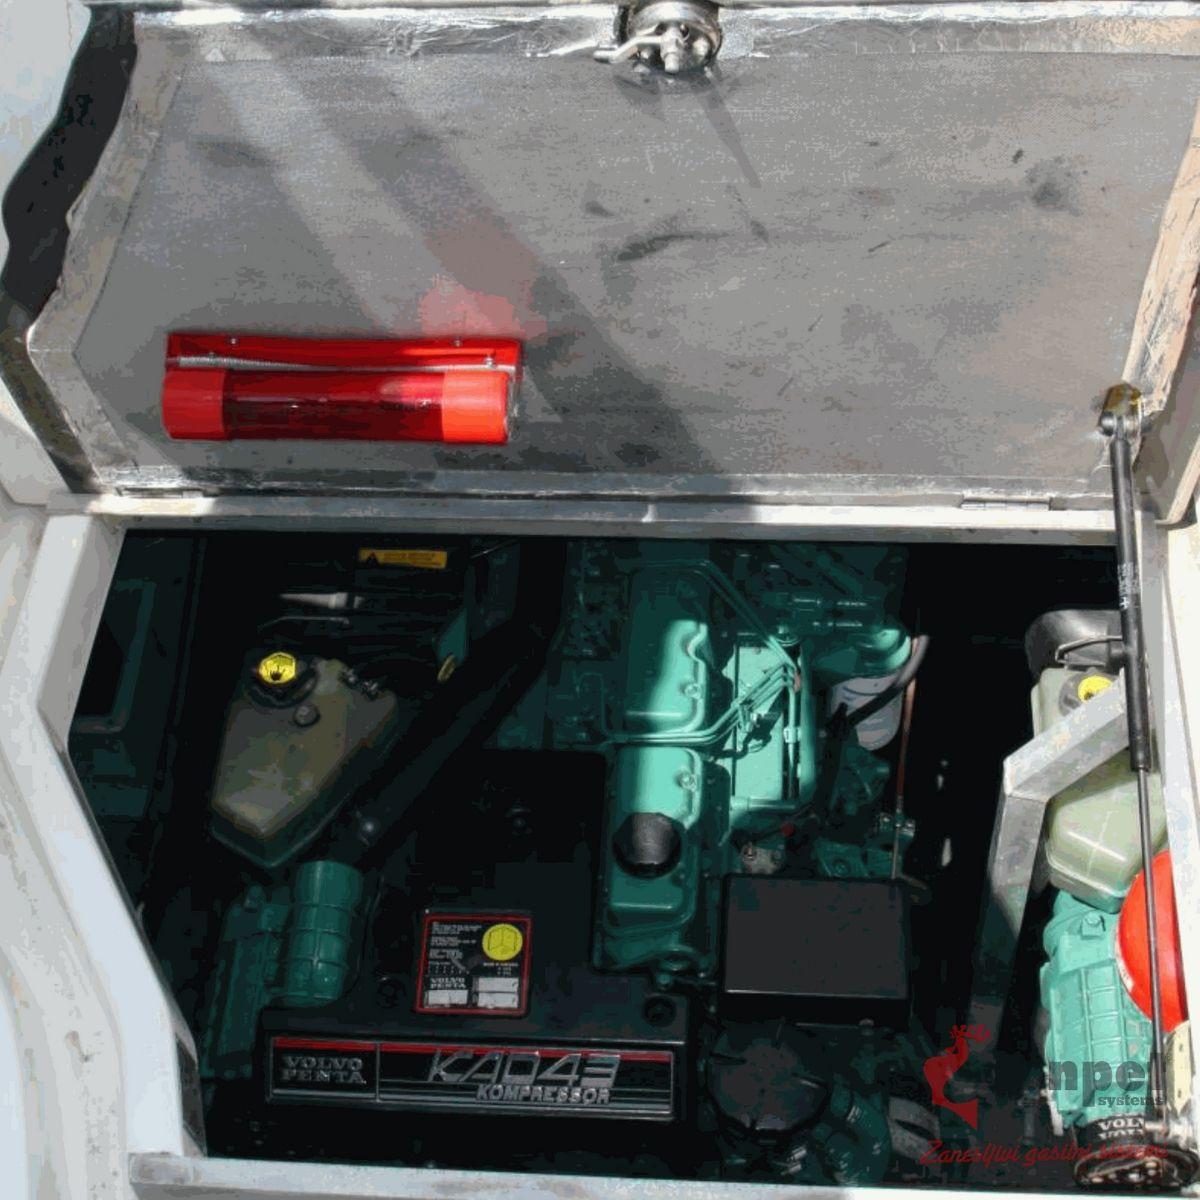 Automatische Löschampulle - Entdecken Sie hier die Besonderheiten der Automatische Löschampulle von Bonpet und sichern Sie sich Ihre eigene Automatische Löschampulle für Schiffe.